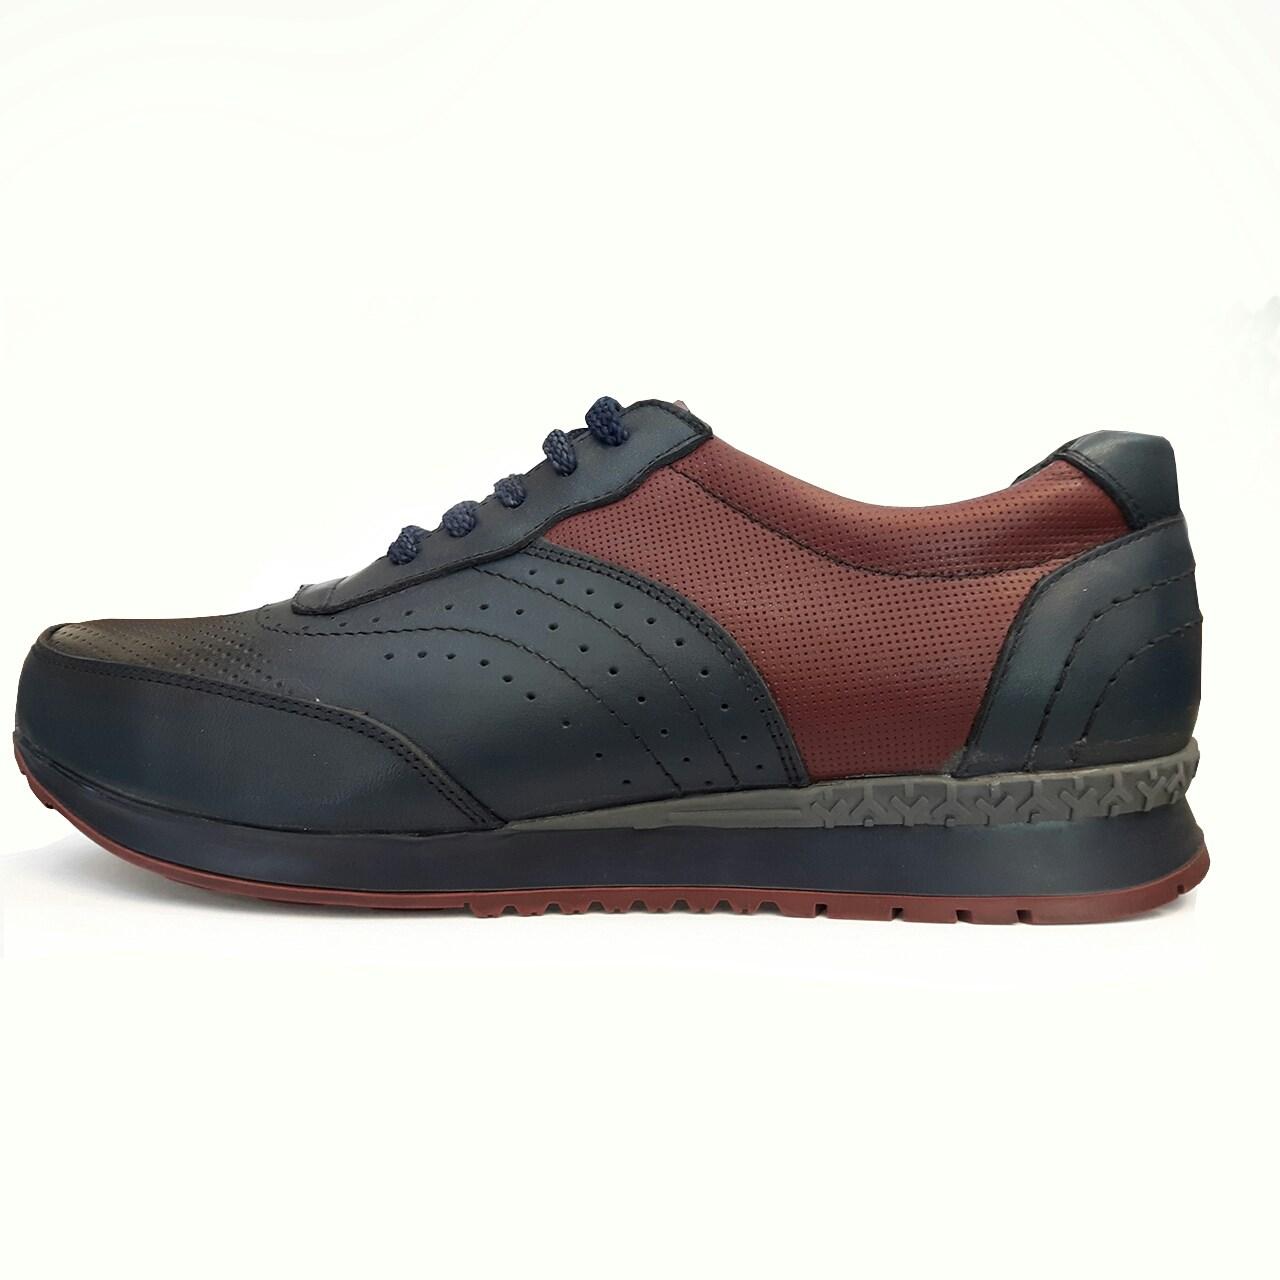 کفش مردانه آفاق مدل 546 رالی